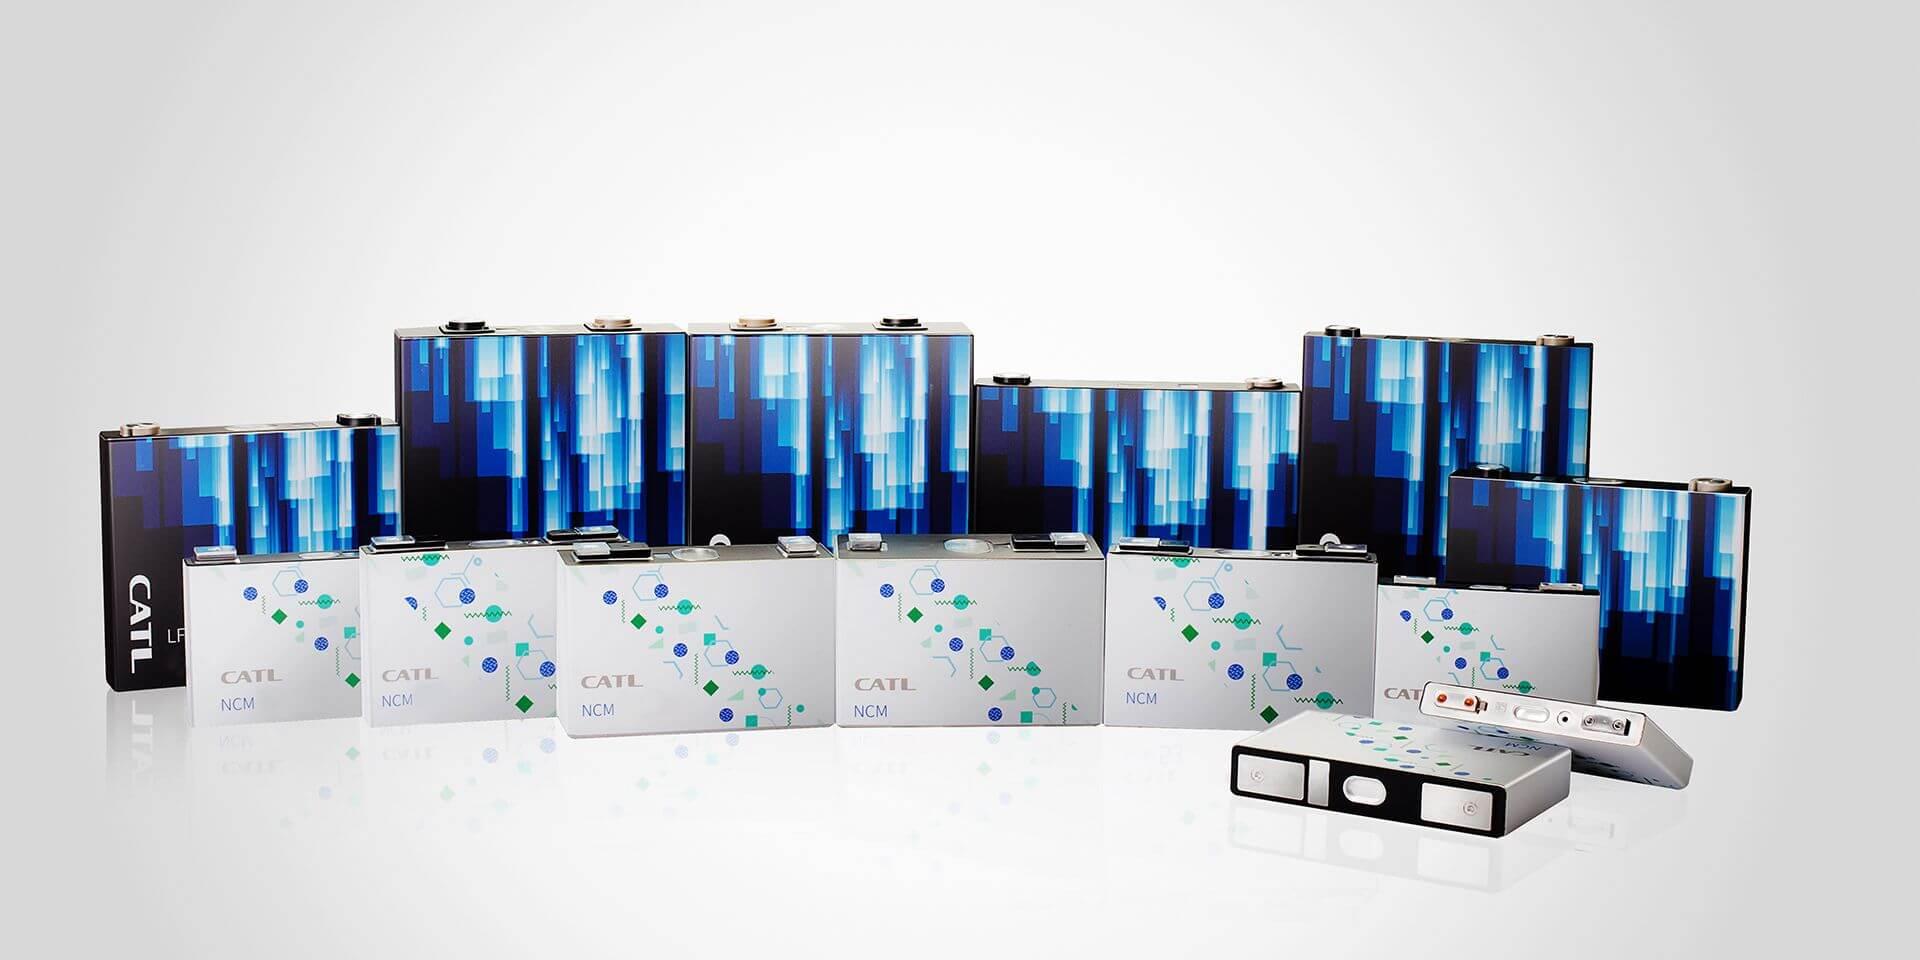 Акумуляторні батареї CATL Акумуляторні батареї CATL